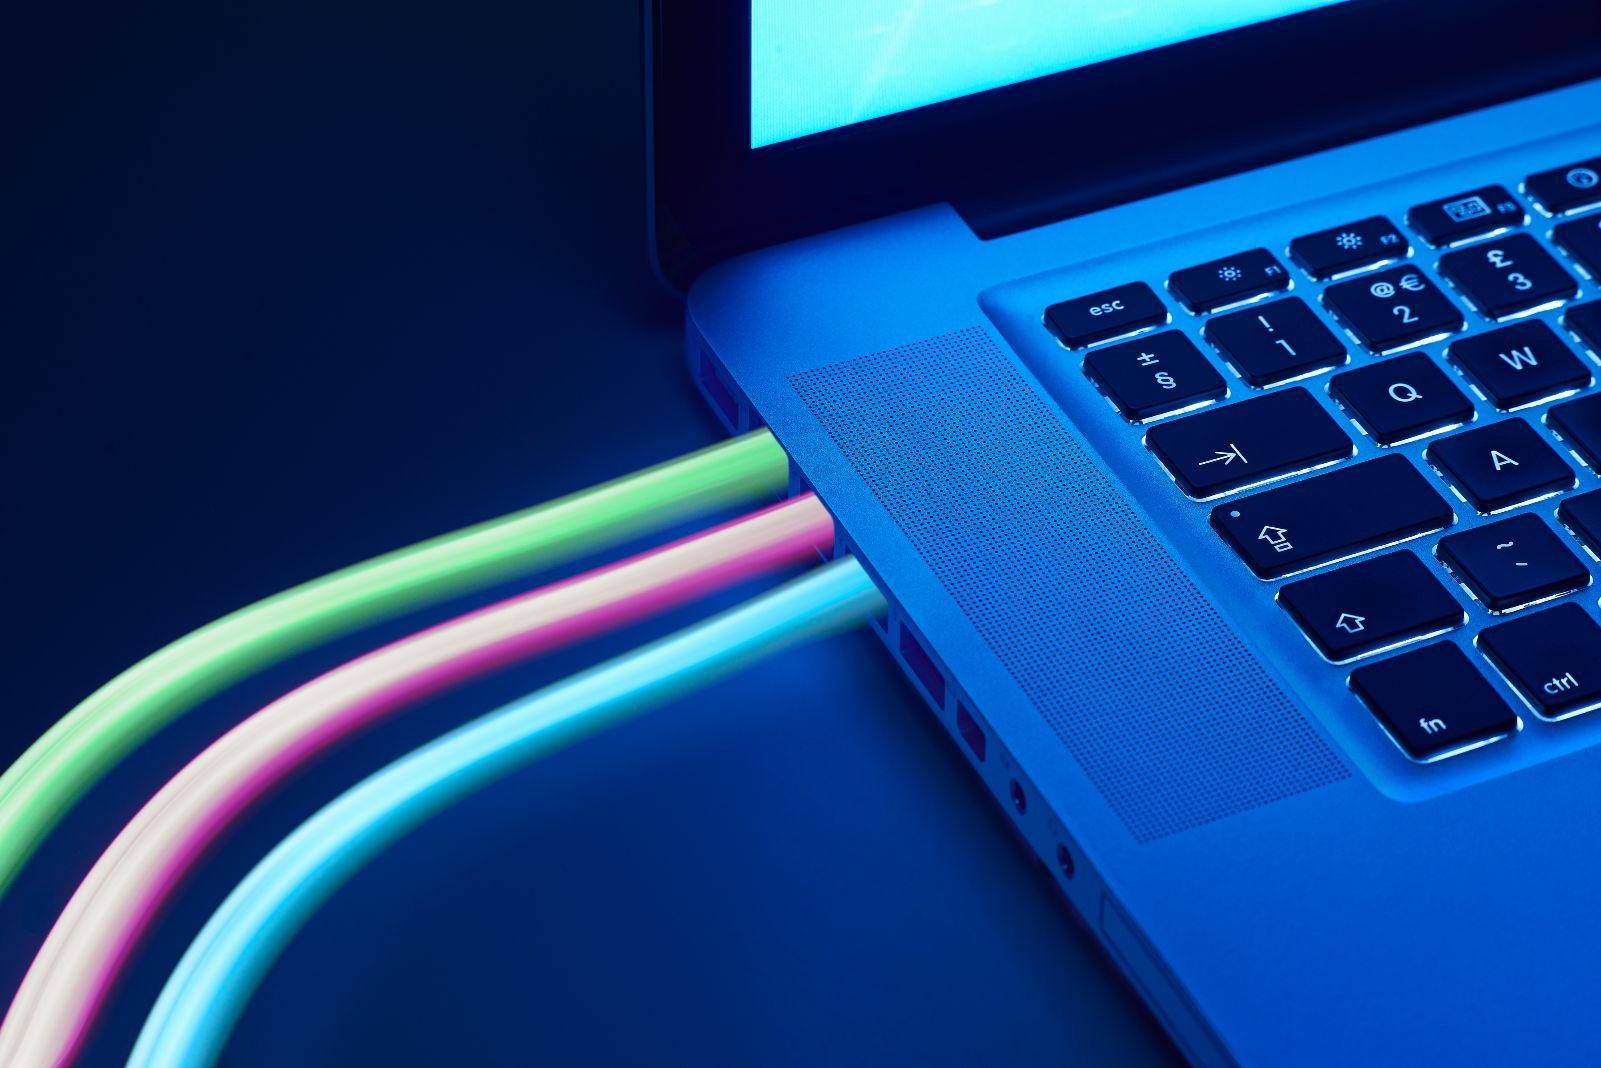 Man sieht ein Laptop/Macbook bei Nacht mit mehreren, verbundenen Kabeln